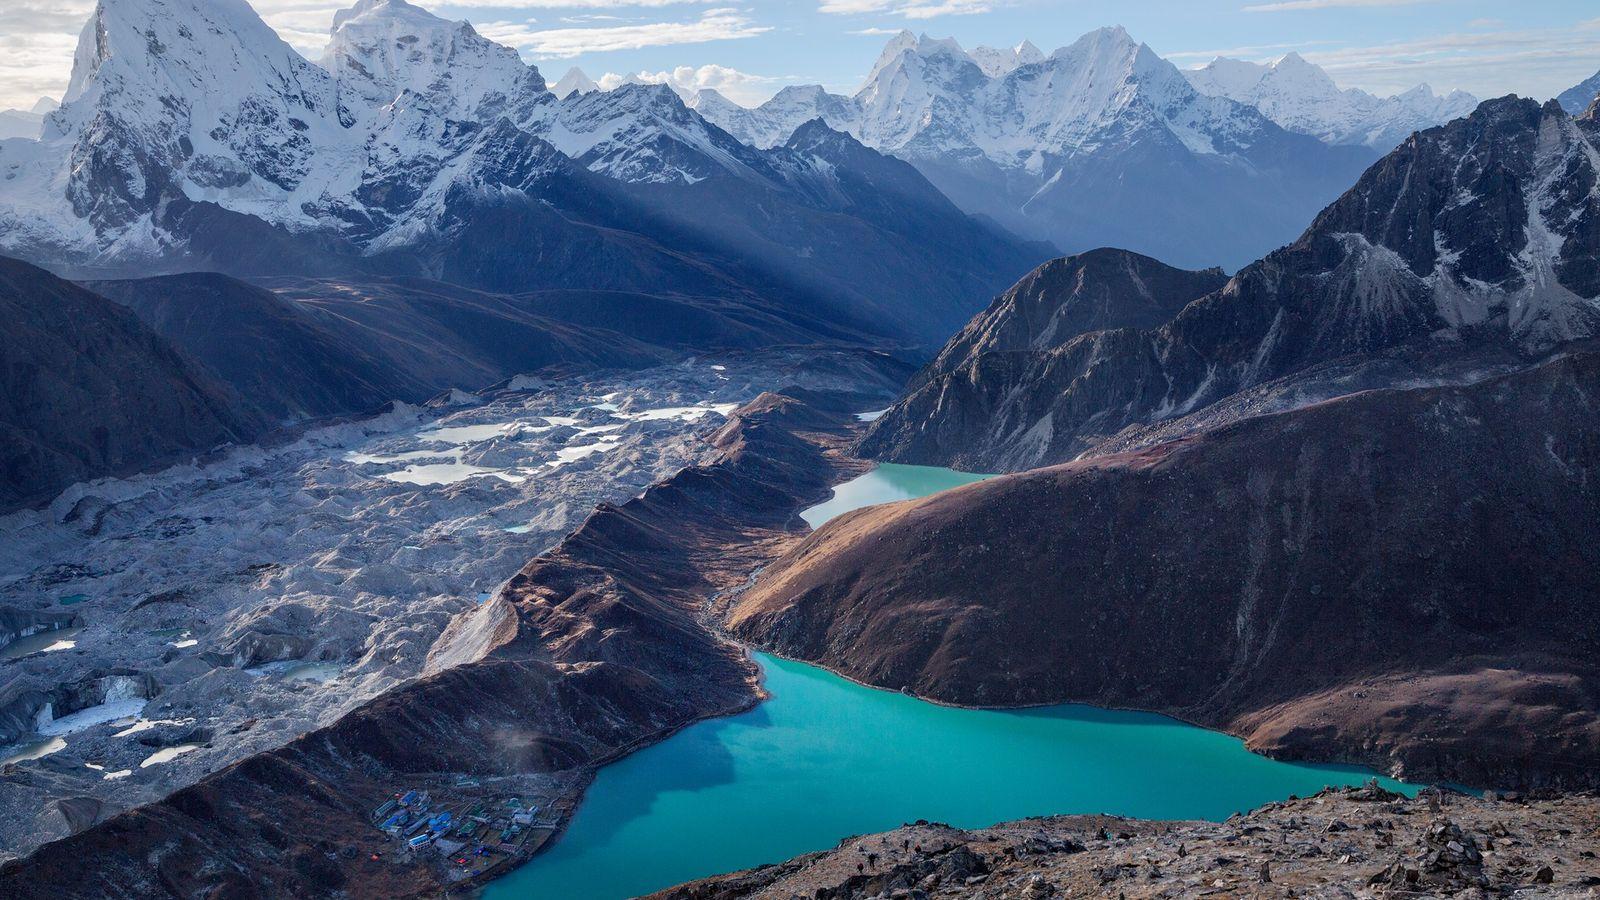 A aldeia de Gokyo, encaixada junto de um lago parcialmentealimentado pelo glaciar Ngozumba, no Nepal, não ...